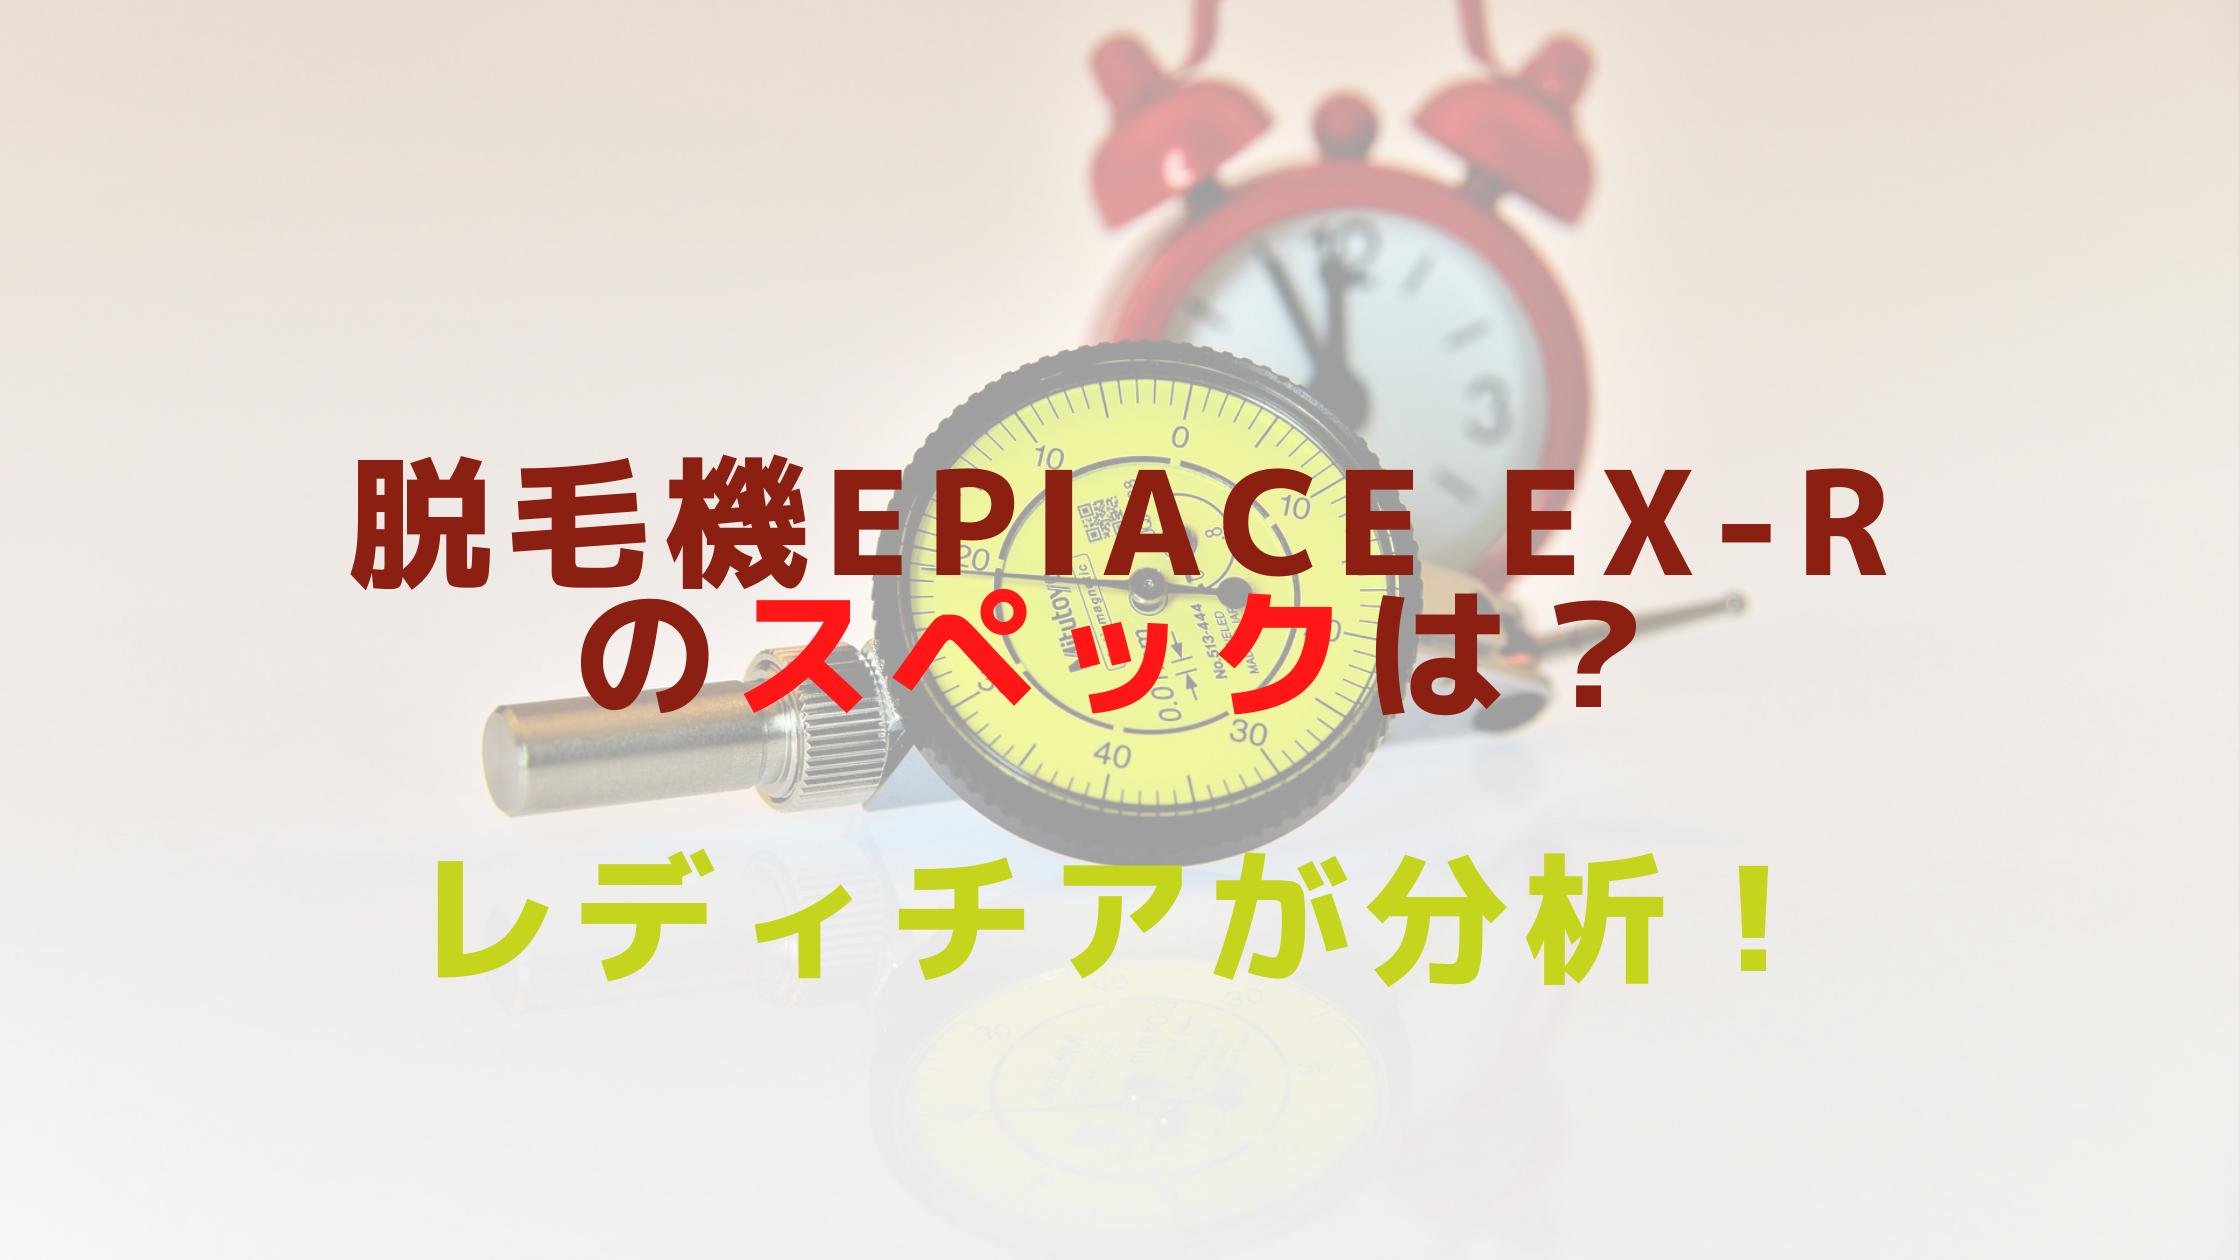 脱毛機epiAce EX-Rのスペックは?レディチアが分析!